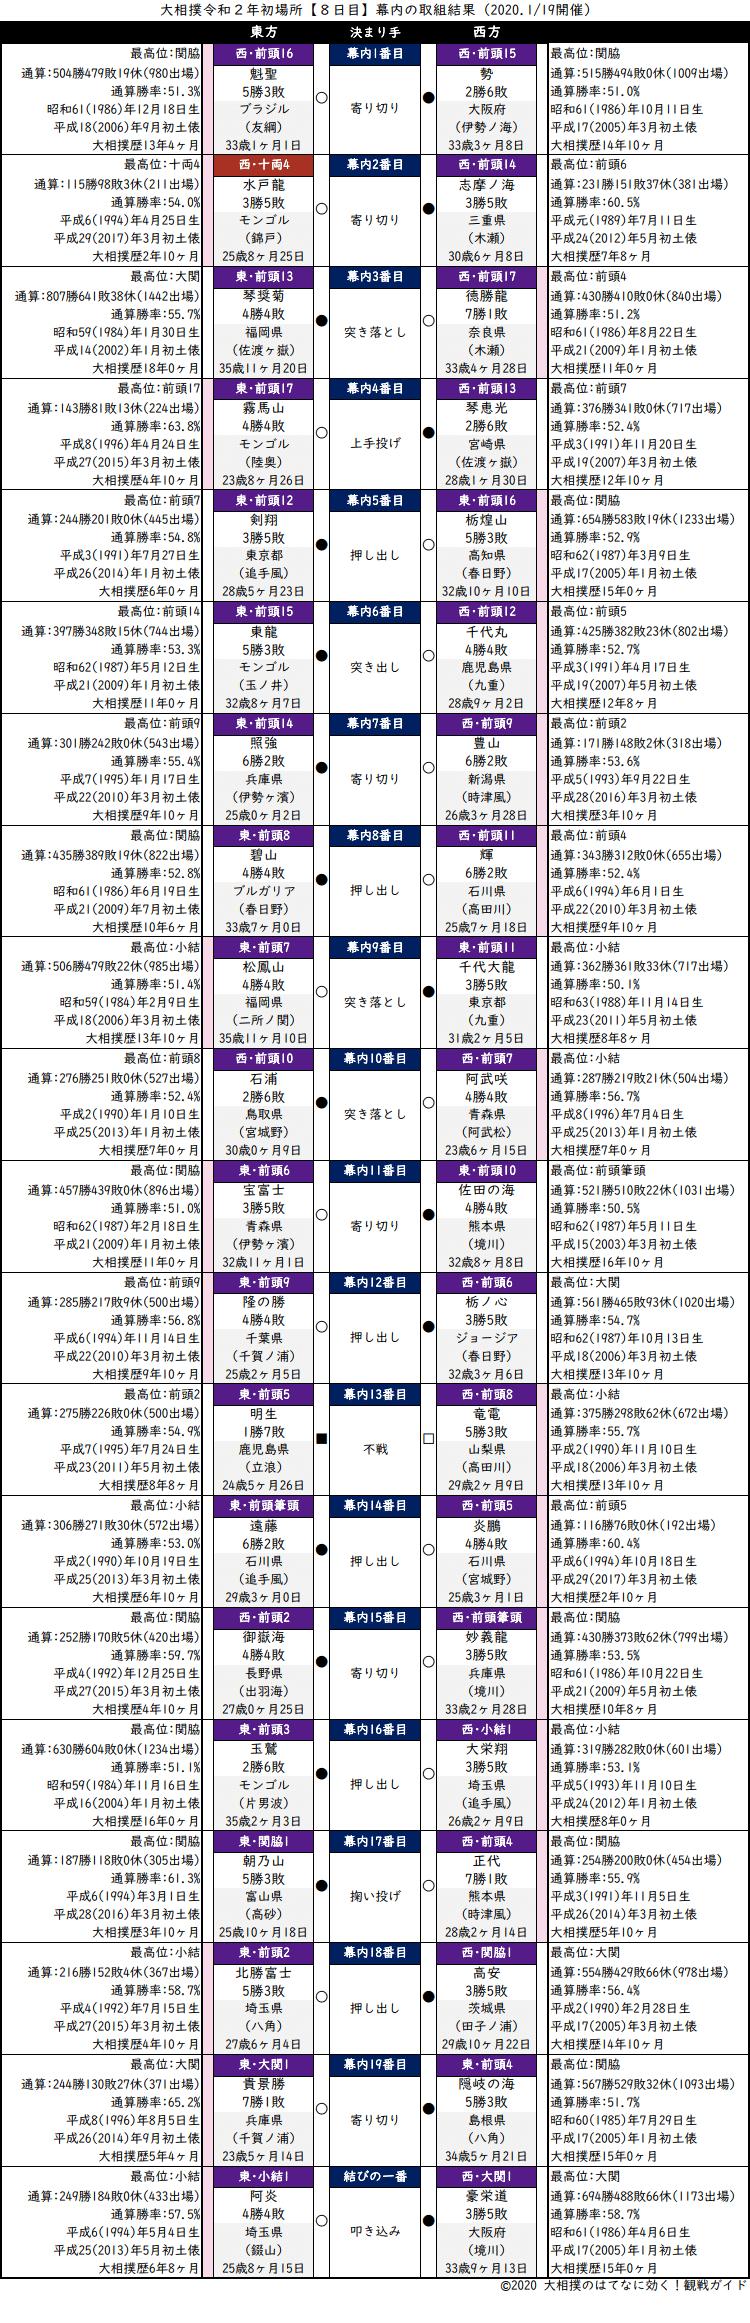 大相撲・2020年1月場所8日目・幕内の取組結果